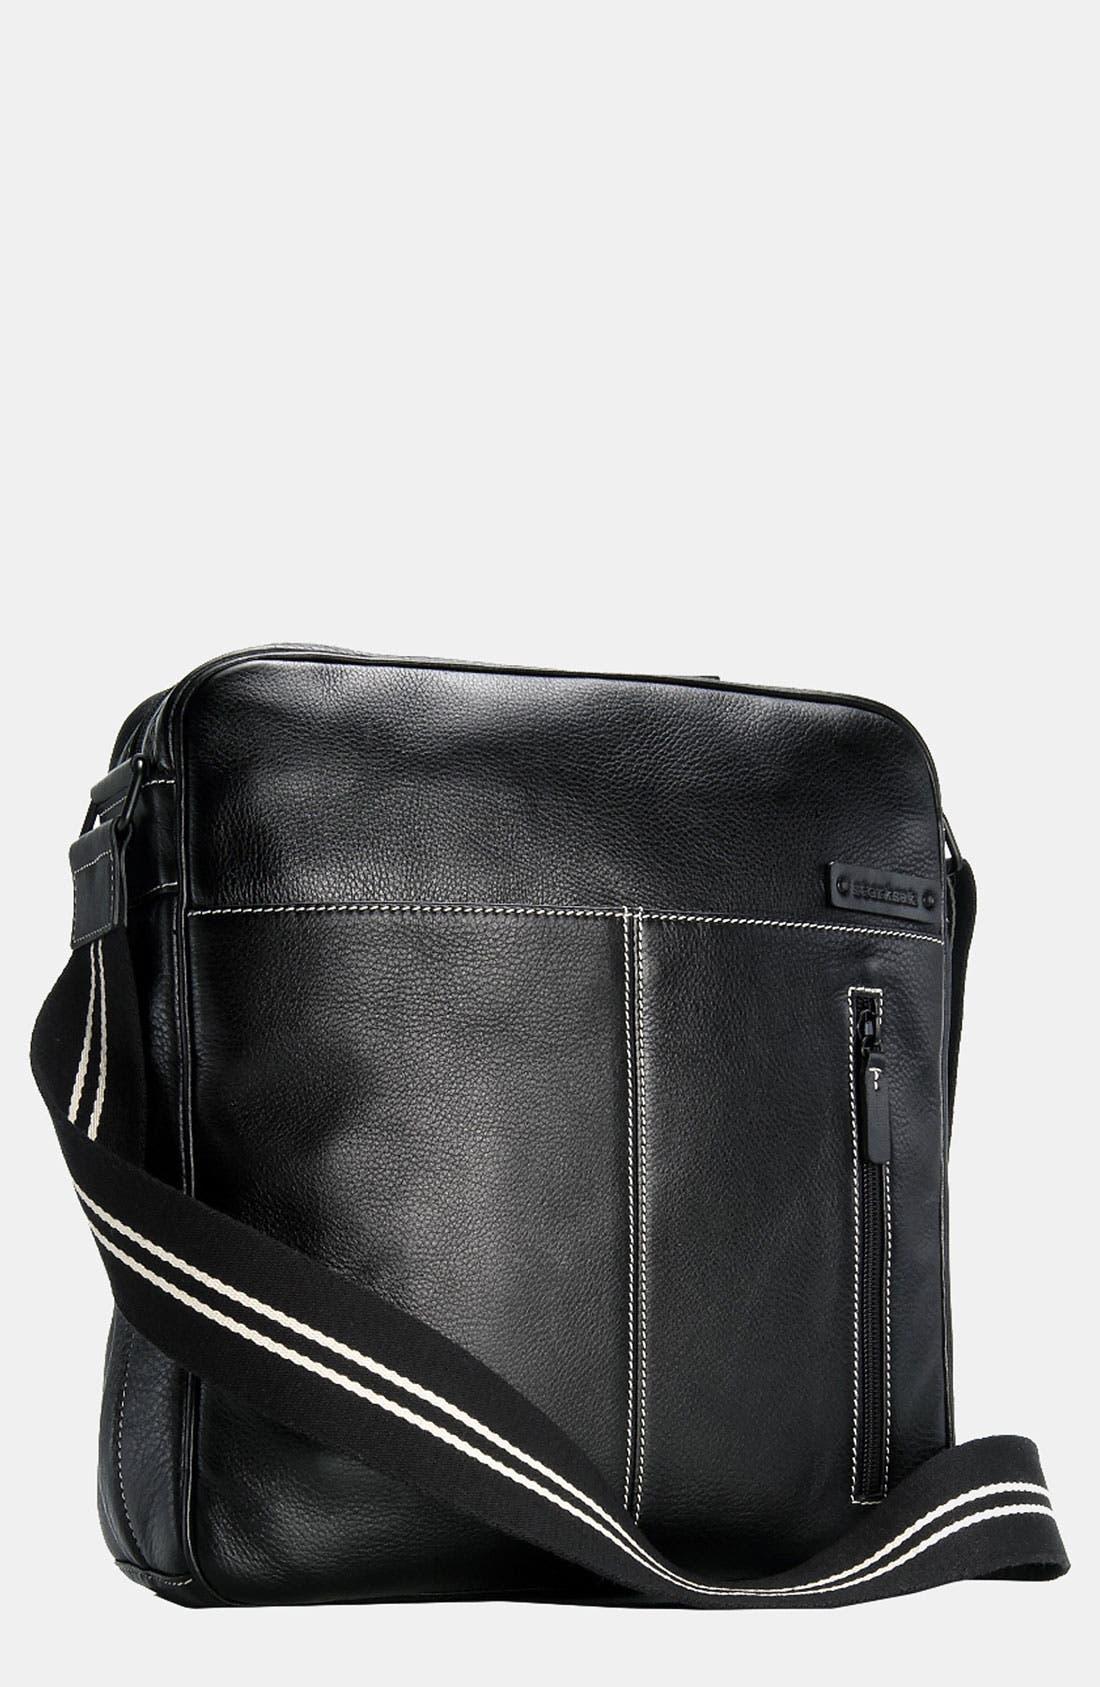 Storksak 'Jamie' Leather Diaper Bag